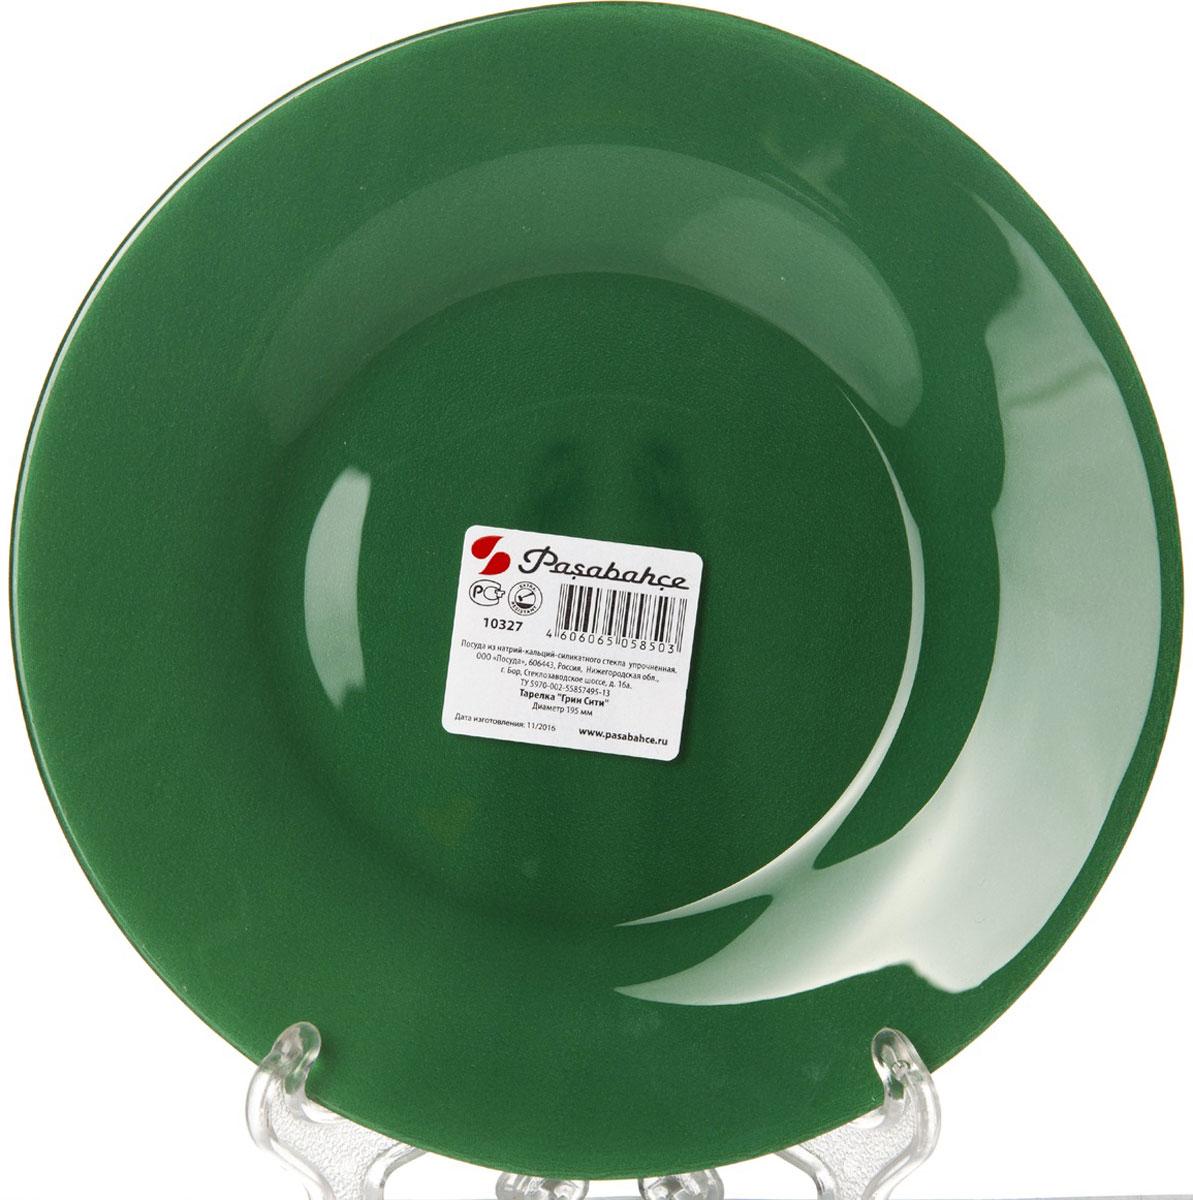 Тарелка Pasabahce Грин Сити, цвет: зеленый, диаметр 19,5 см10327SLBD38Тарелка из упрочненного стекла зеленого цвета d=195 мм